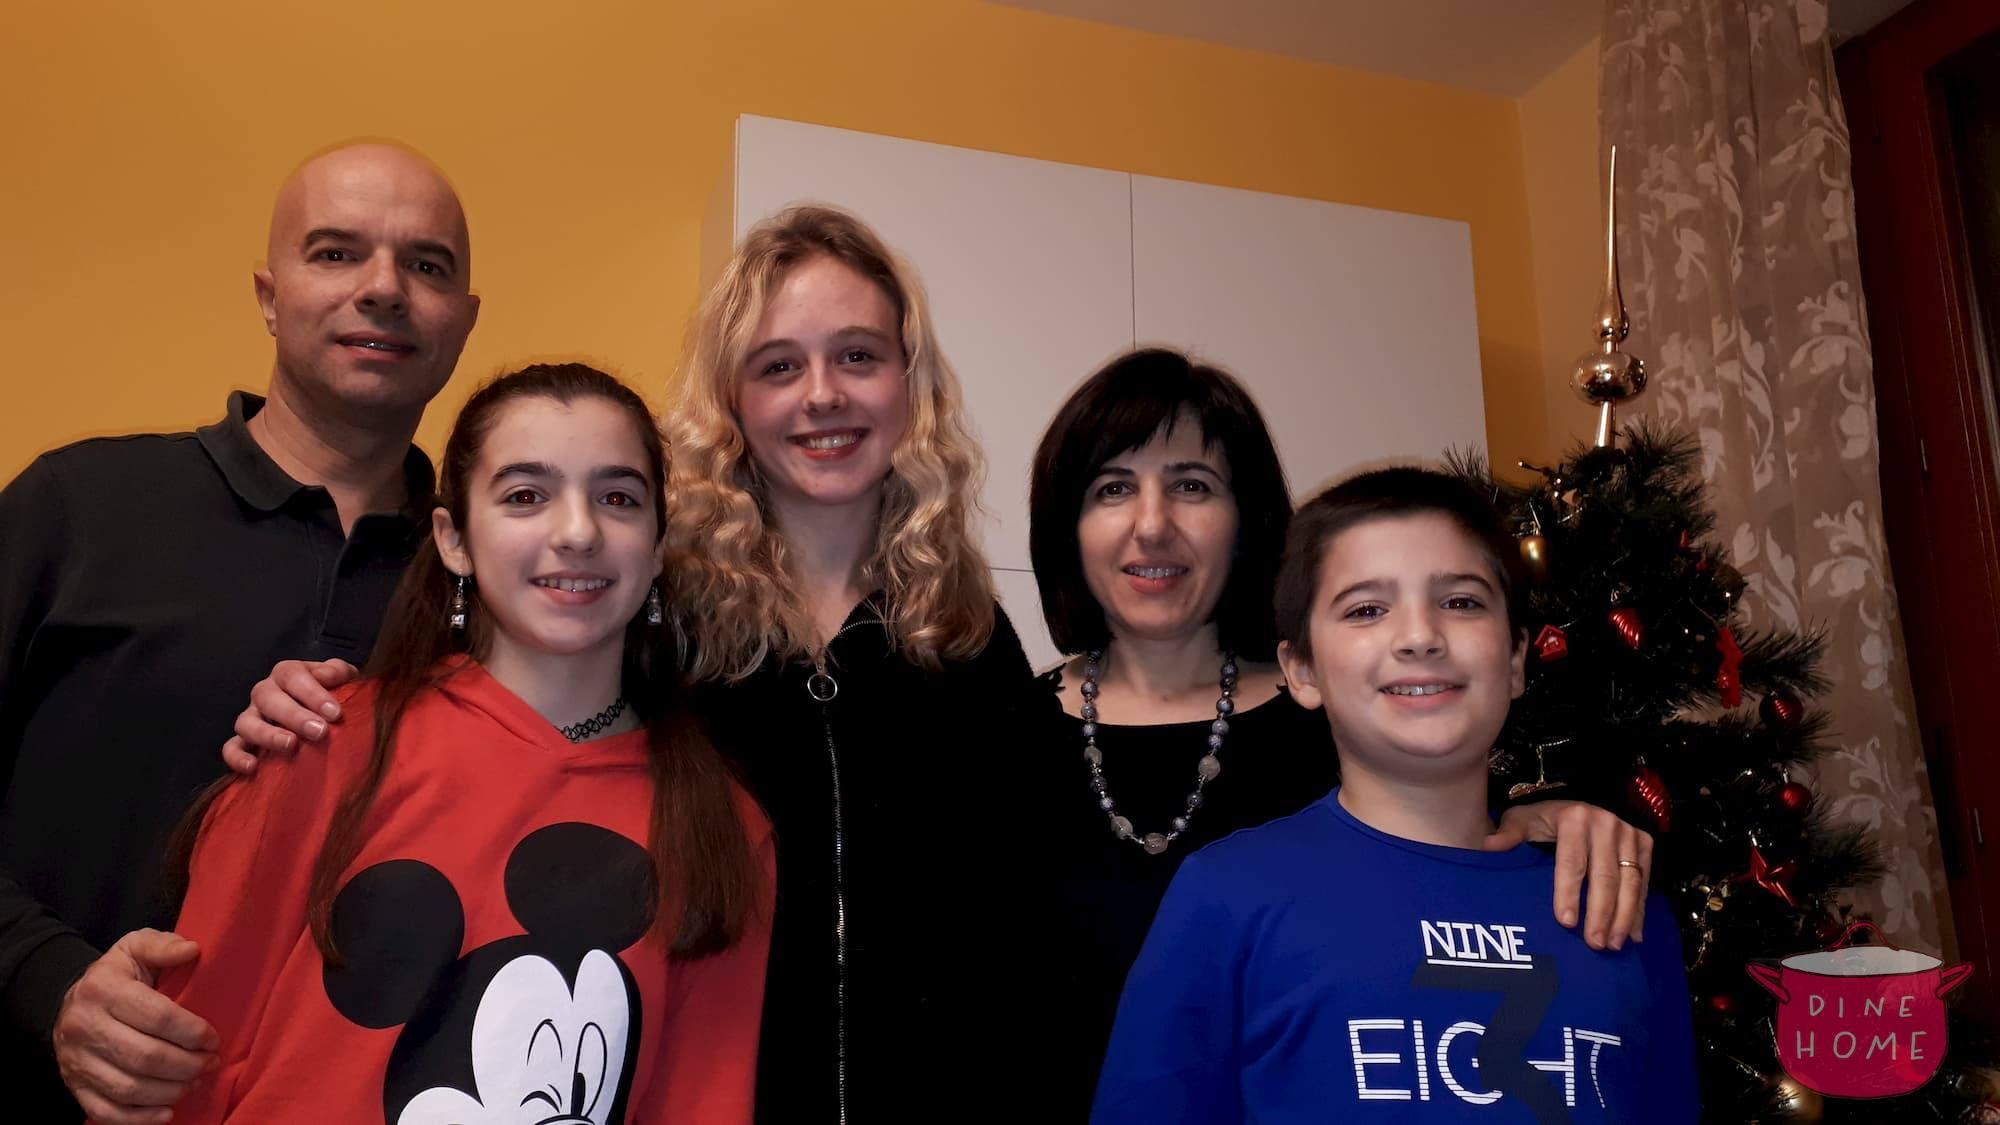 Elinor, studentessa da UK, a cena dalla sua famiglia Dinehome.